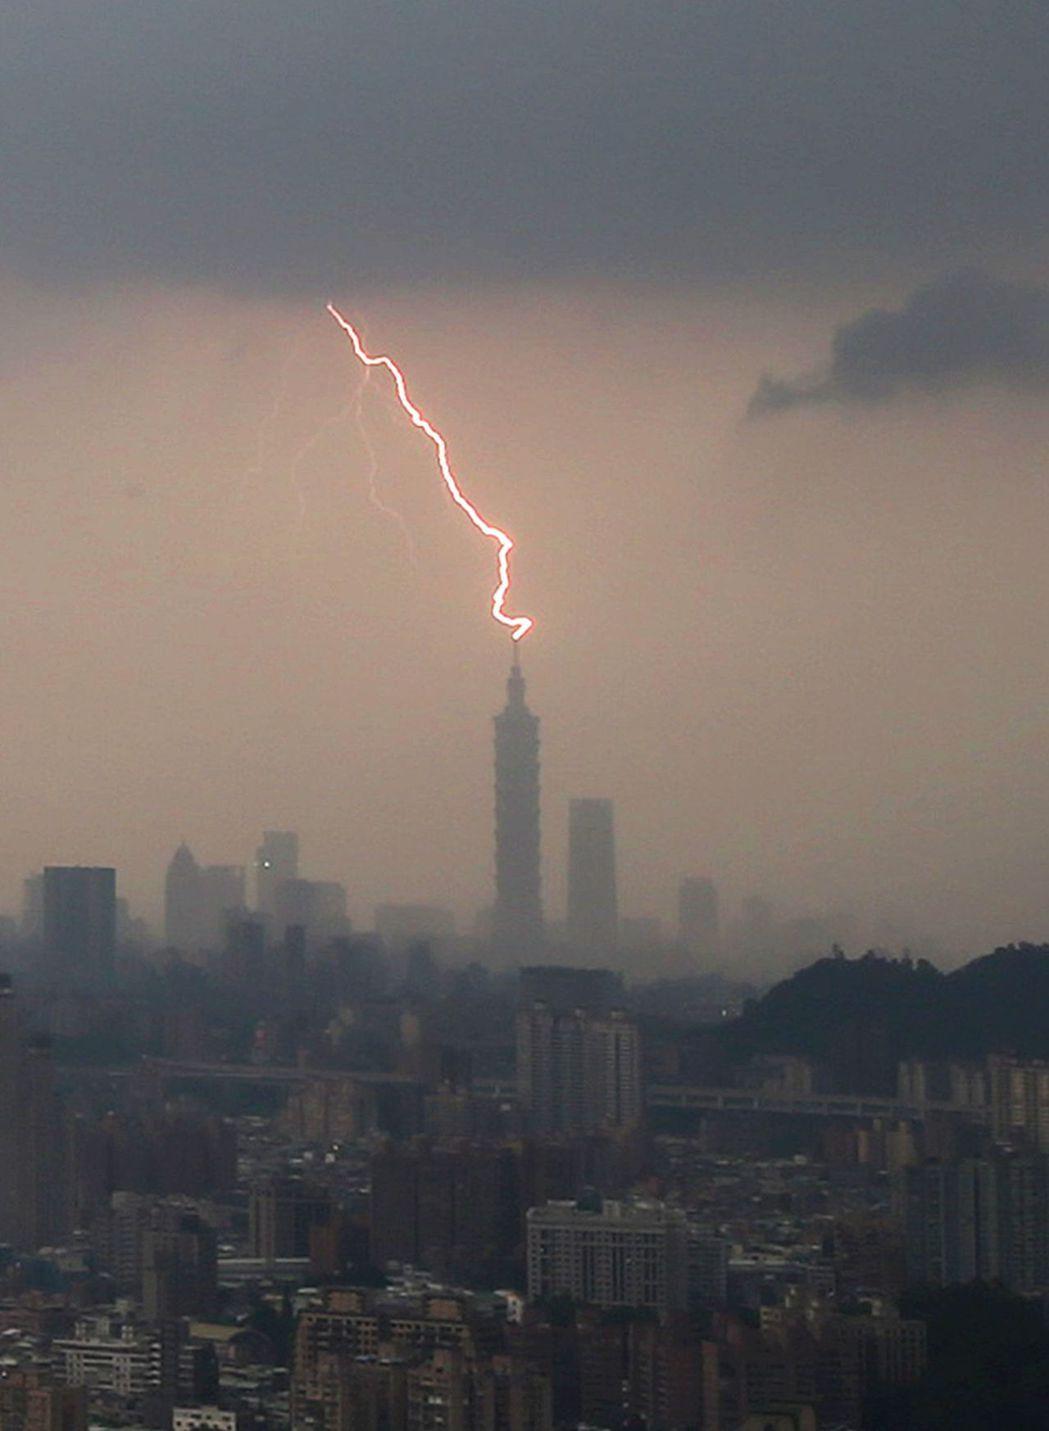 雷神索爾降臨101上空!? 上半年,全國共有1萬4084次雷擊。 報系資料照片